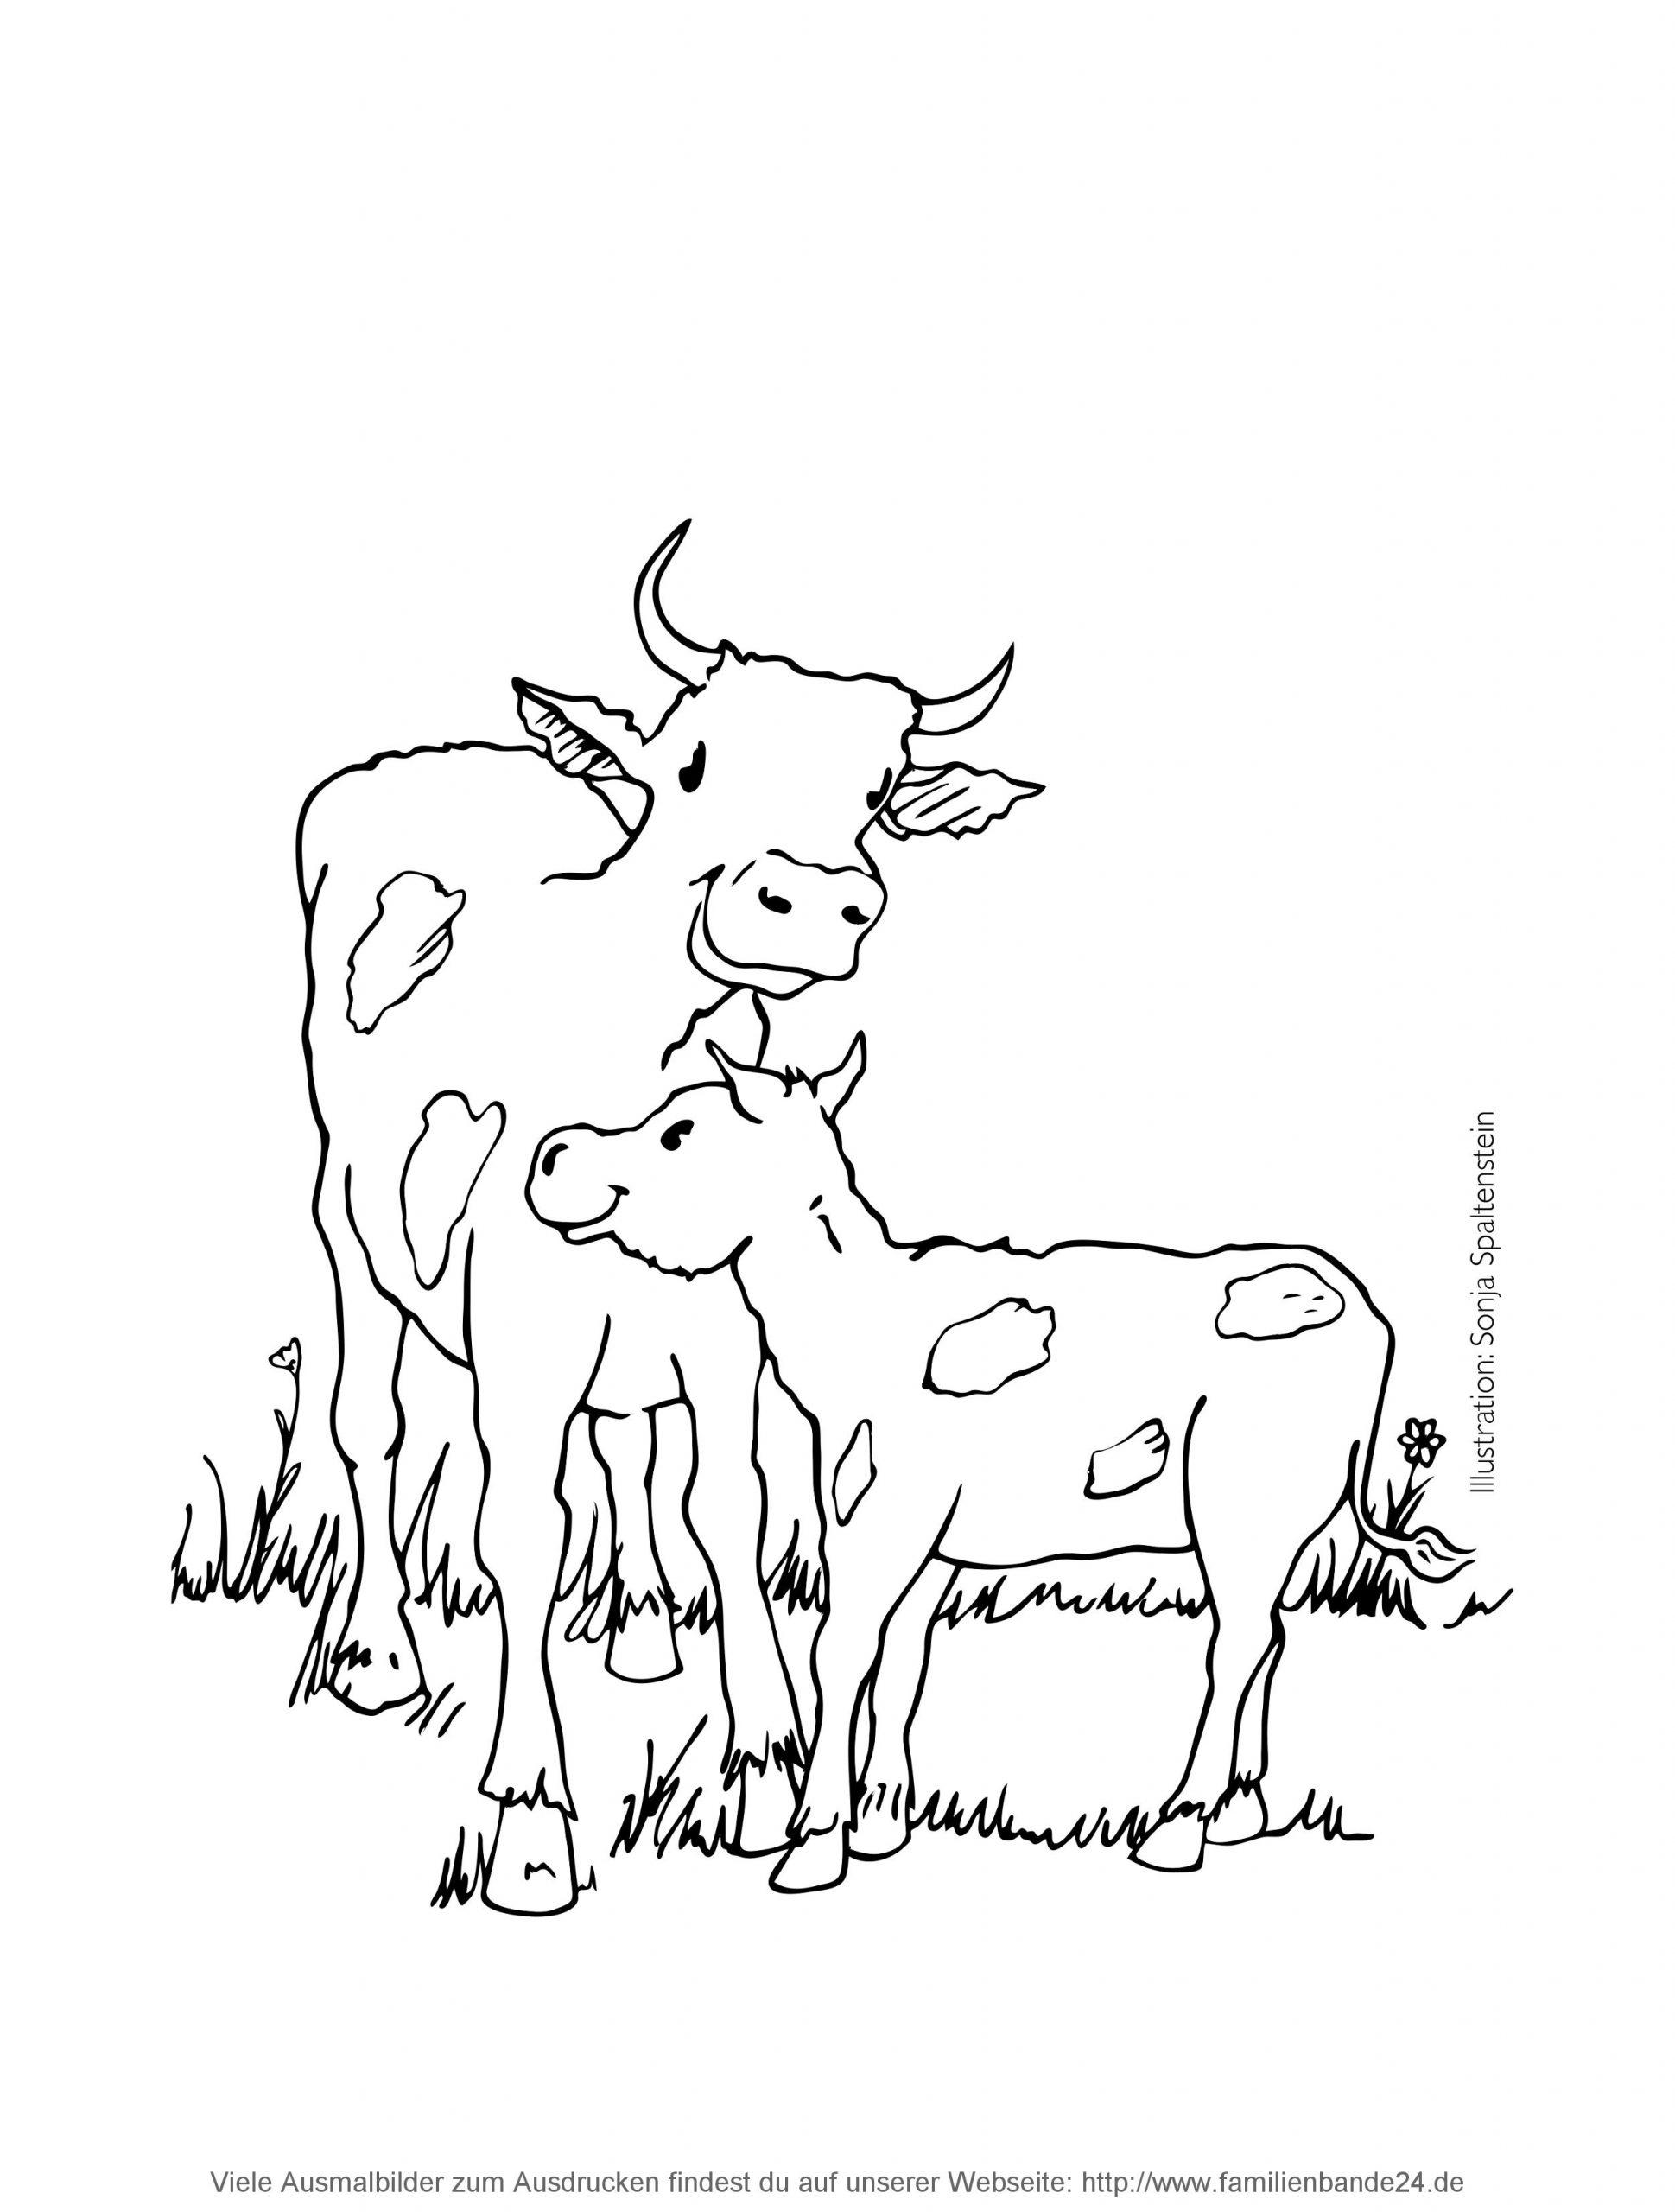 Malvorlagen Kuh Auf Der Weide   Coloring And Malvorlagan mit Kuh Malvorlage